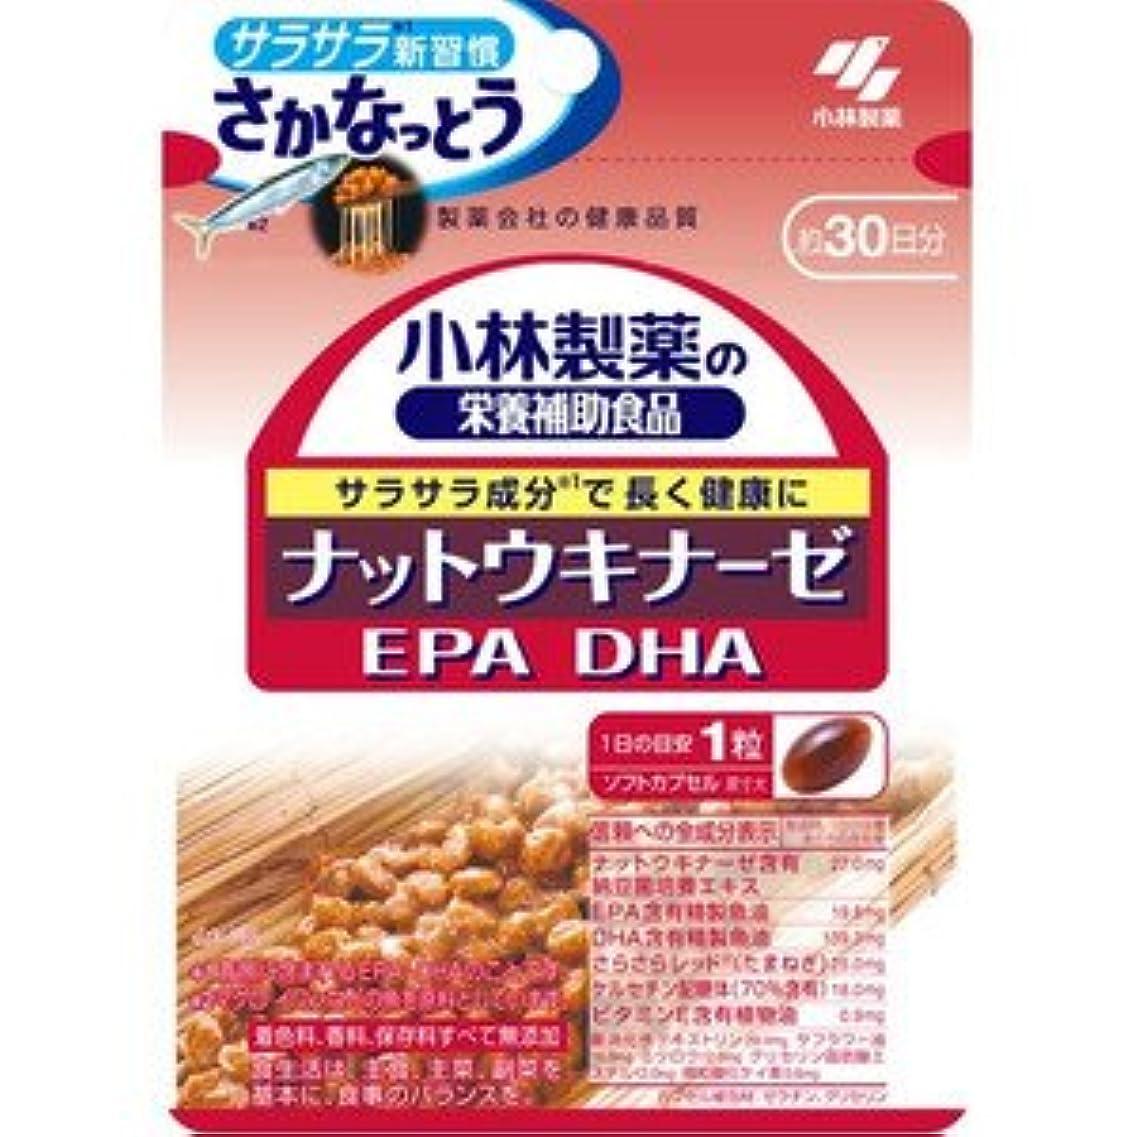 前売レルムシャープ【小林製薬】ナットウキナーゼ (EPA/DHA) 30粒(お買い得3個セット)